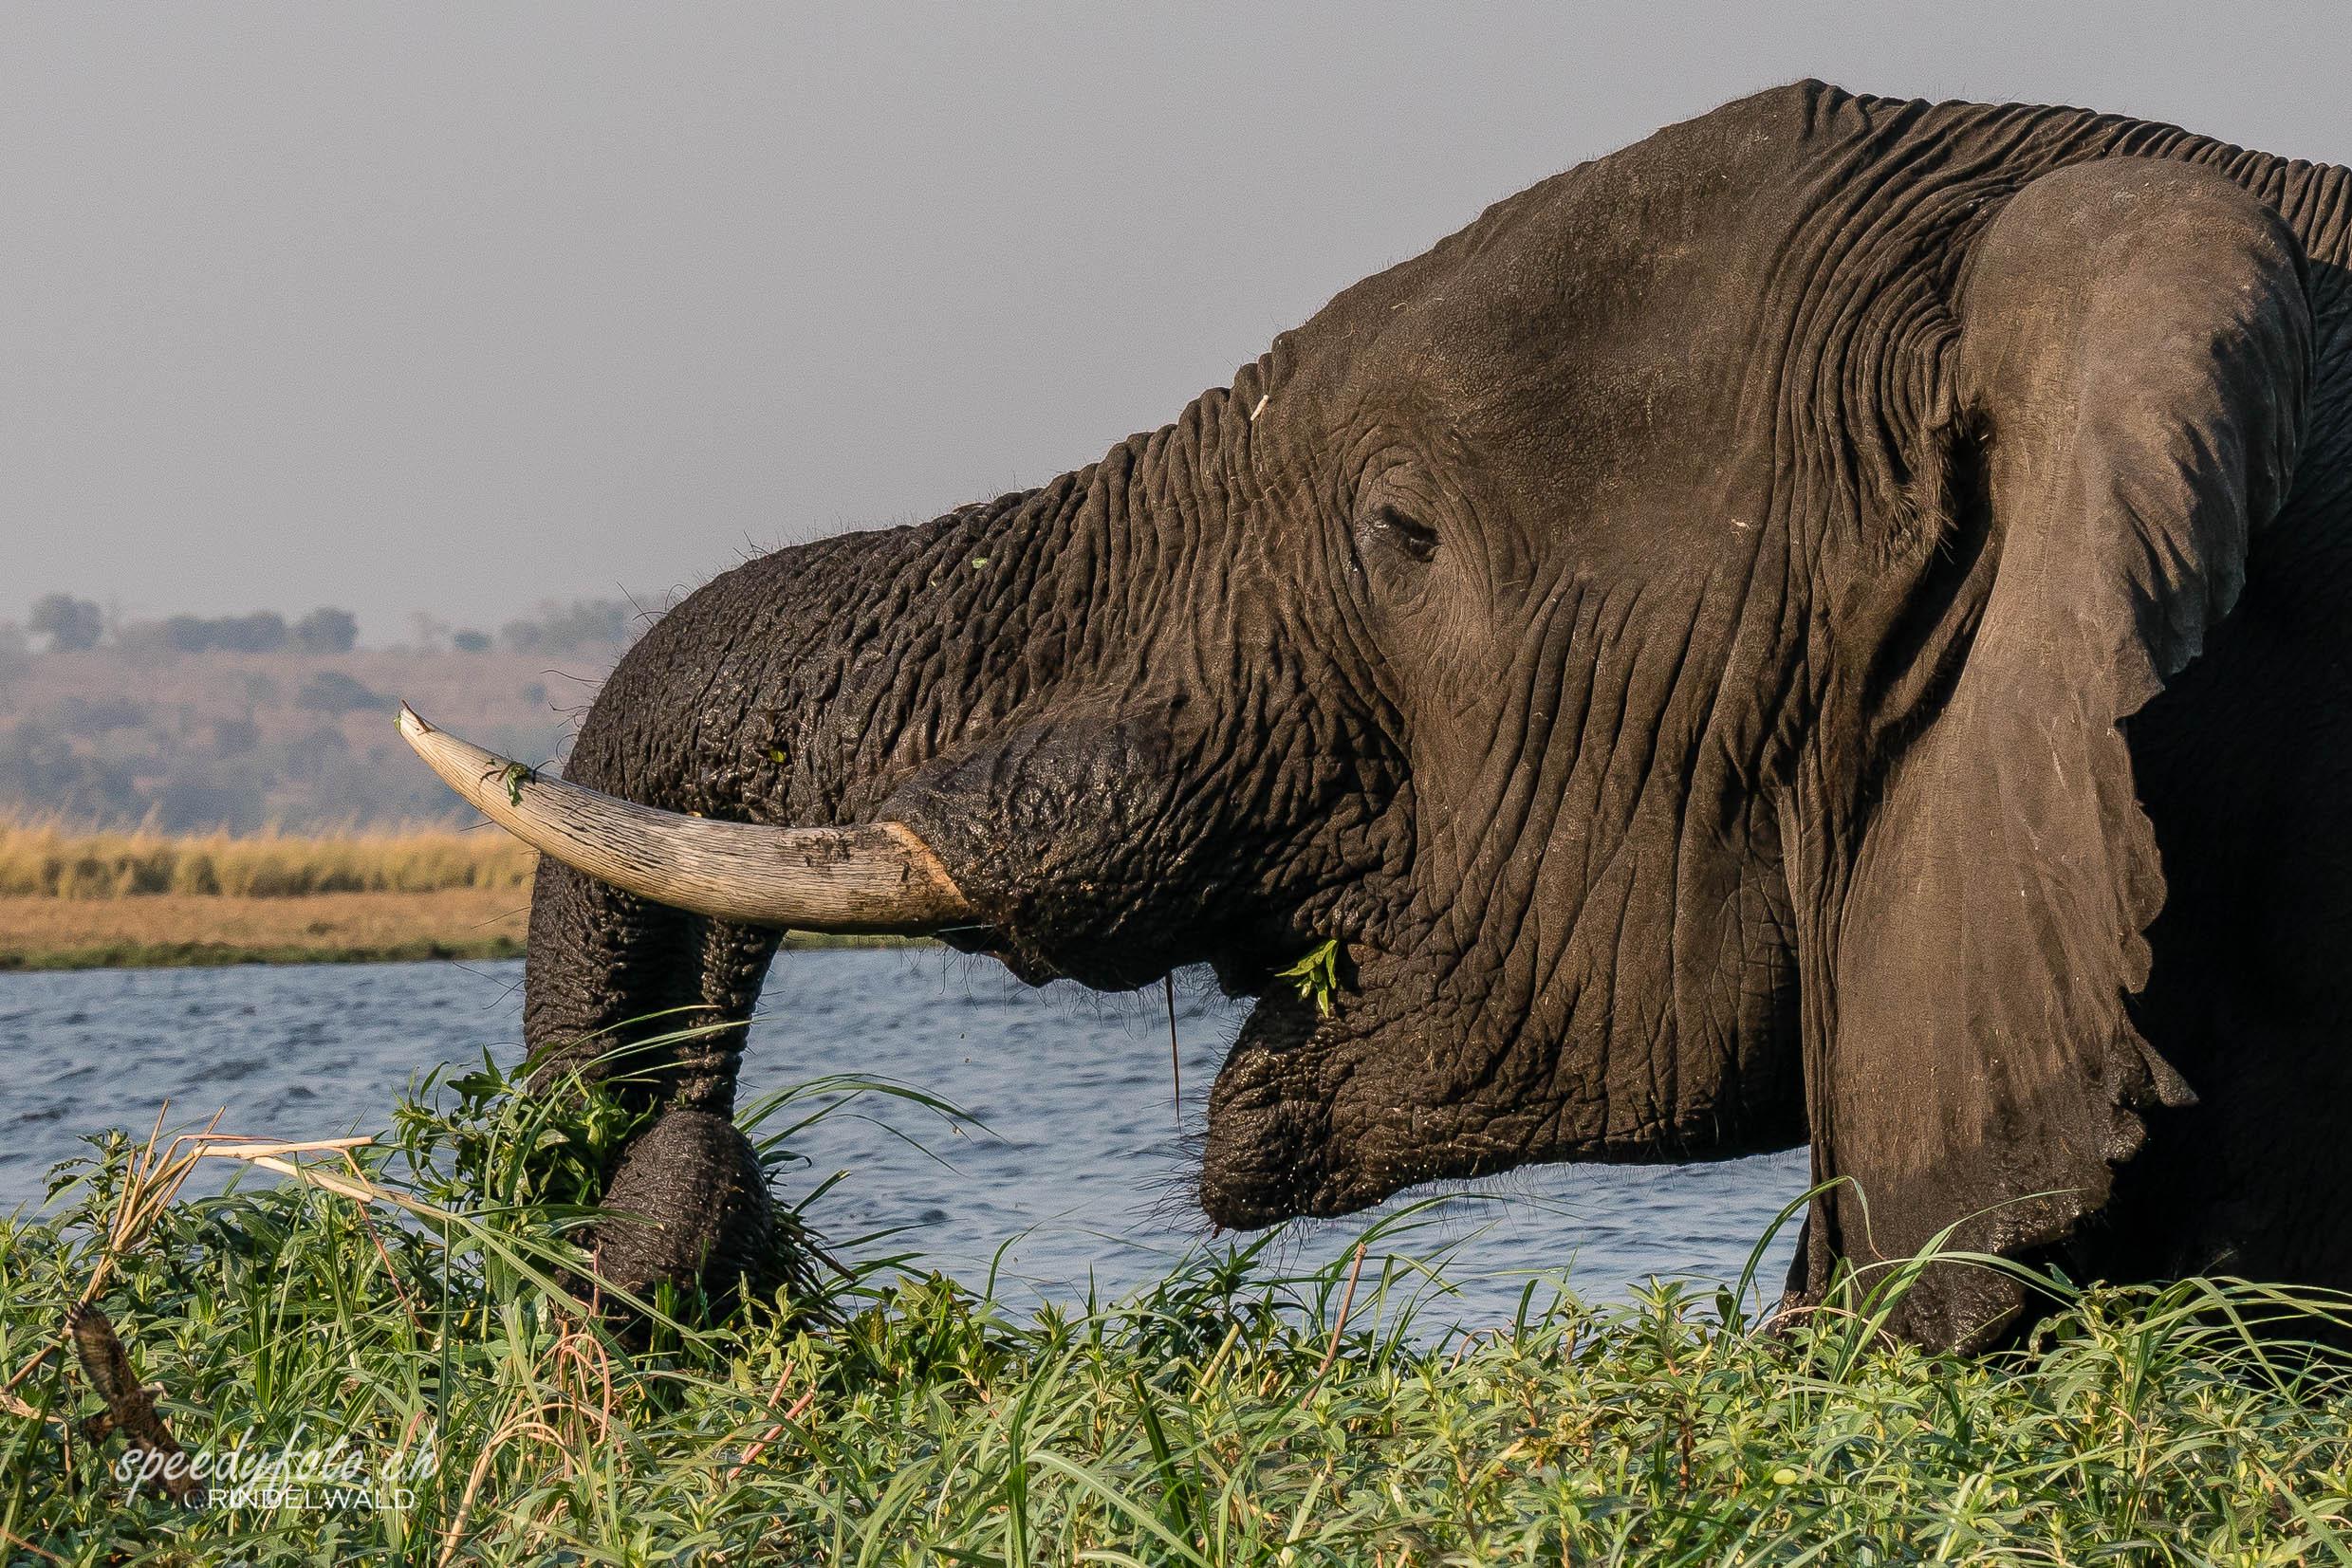 Close to the Elefant